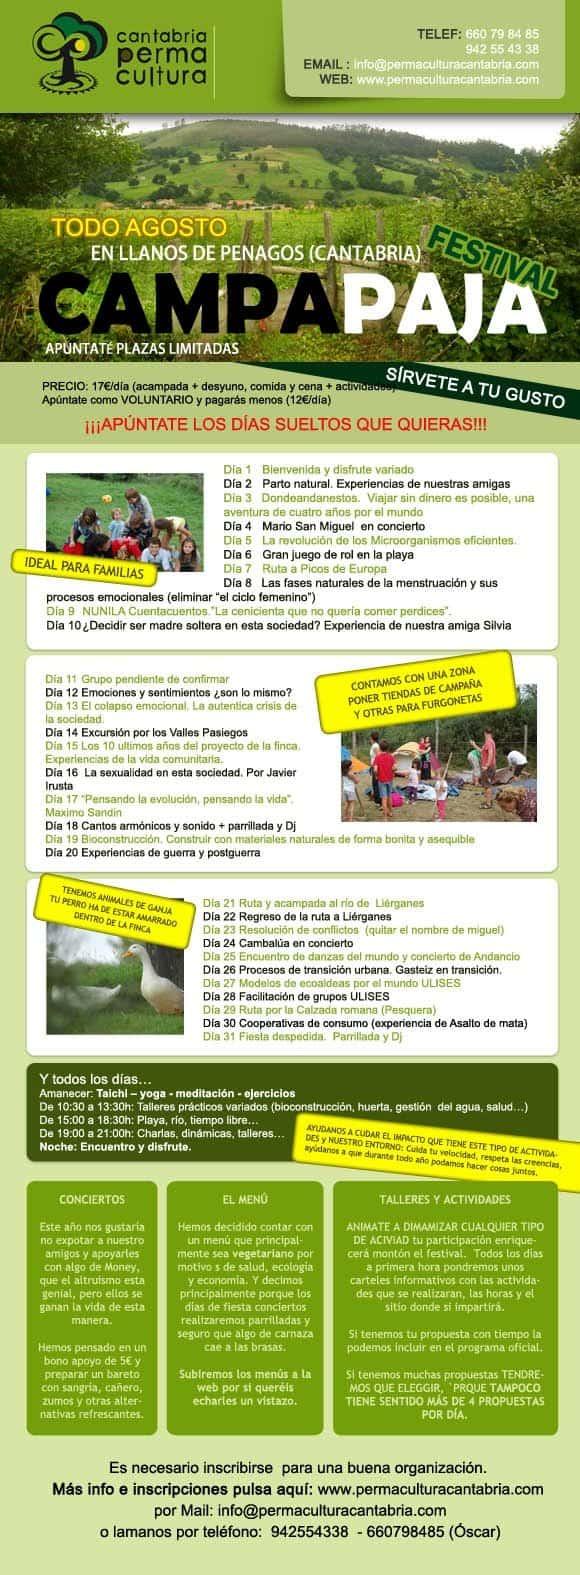 festival Campa Paja Permacultura hermandadblanca.org